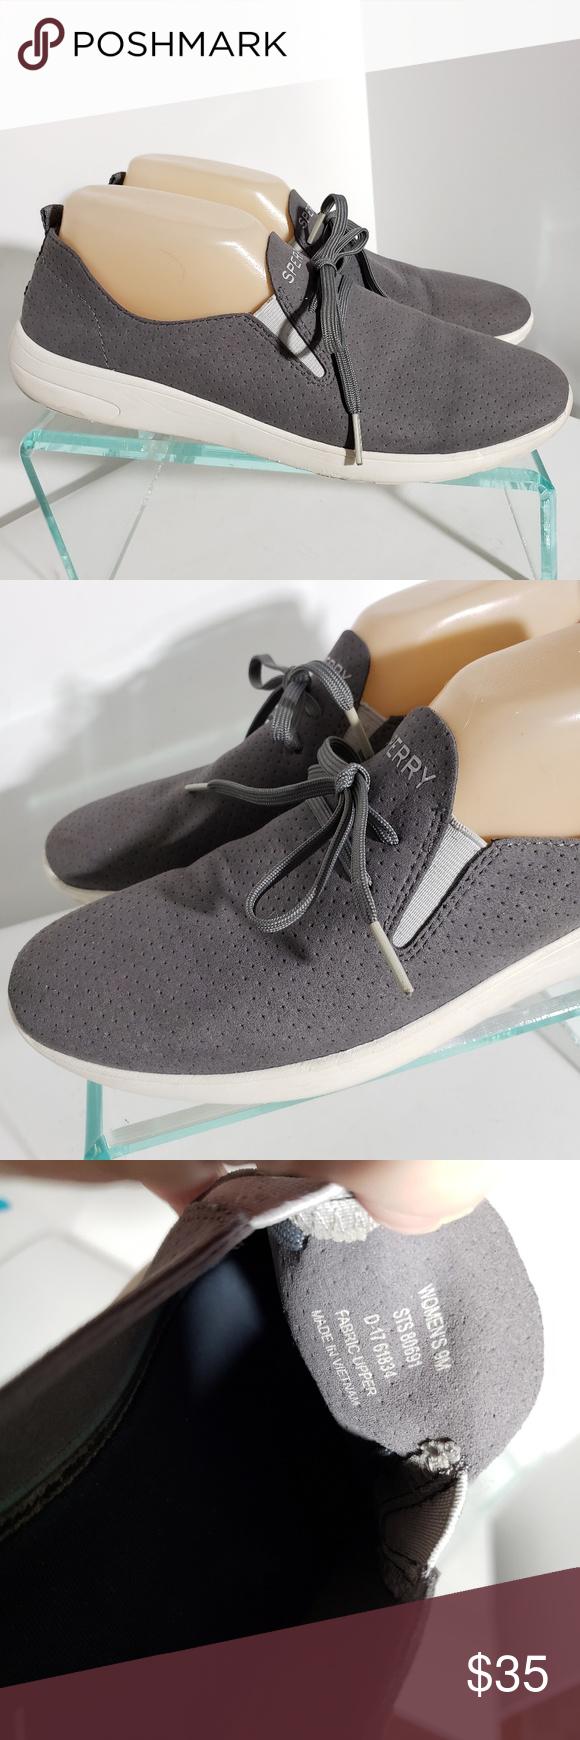 Sperry Topsider Rio Aqua Shoe Sz 9